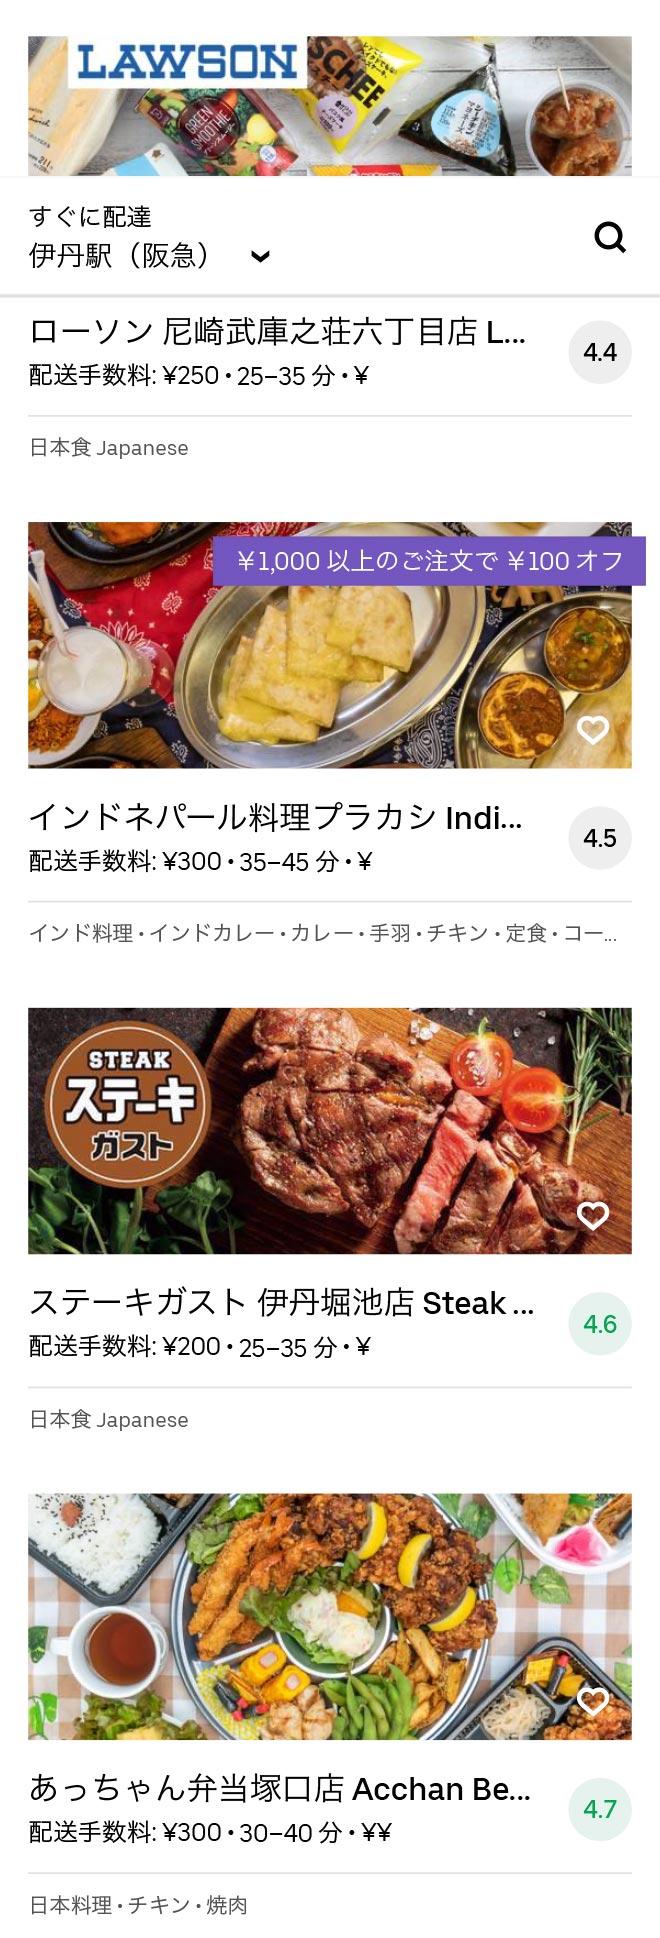 Itami menu 2007 03